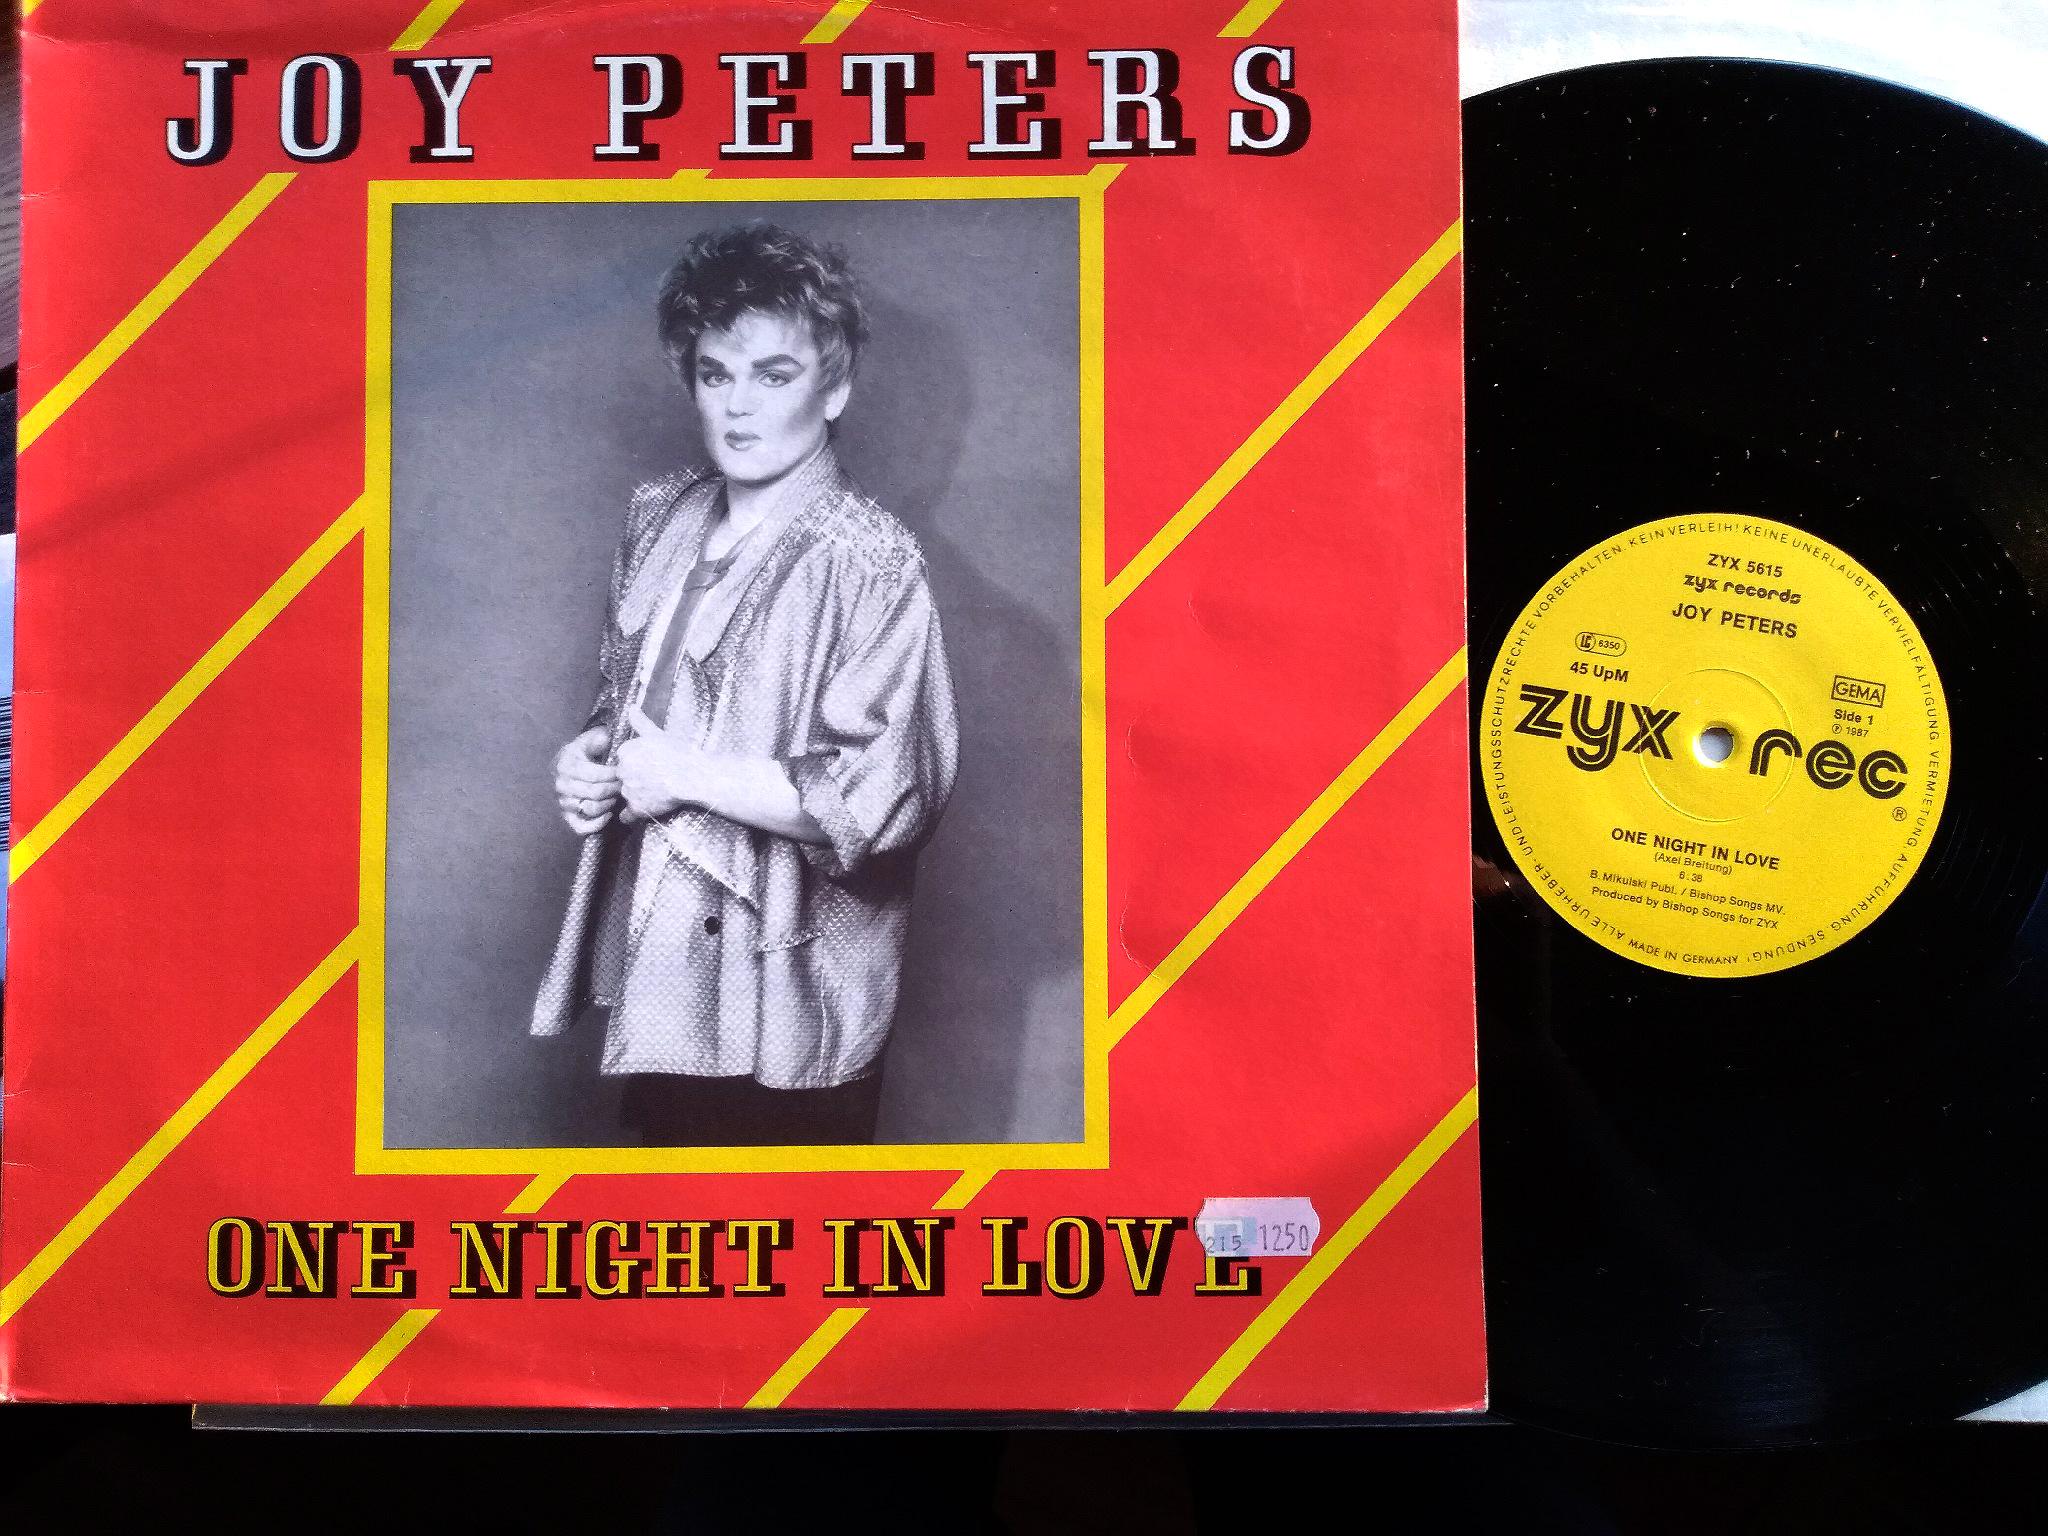 Joy Peters - One Night In Love